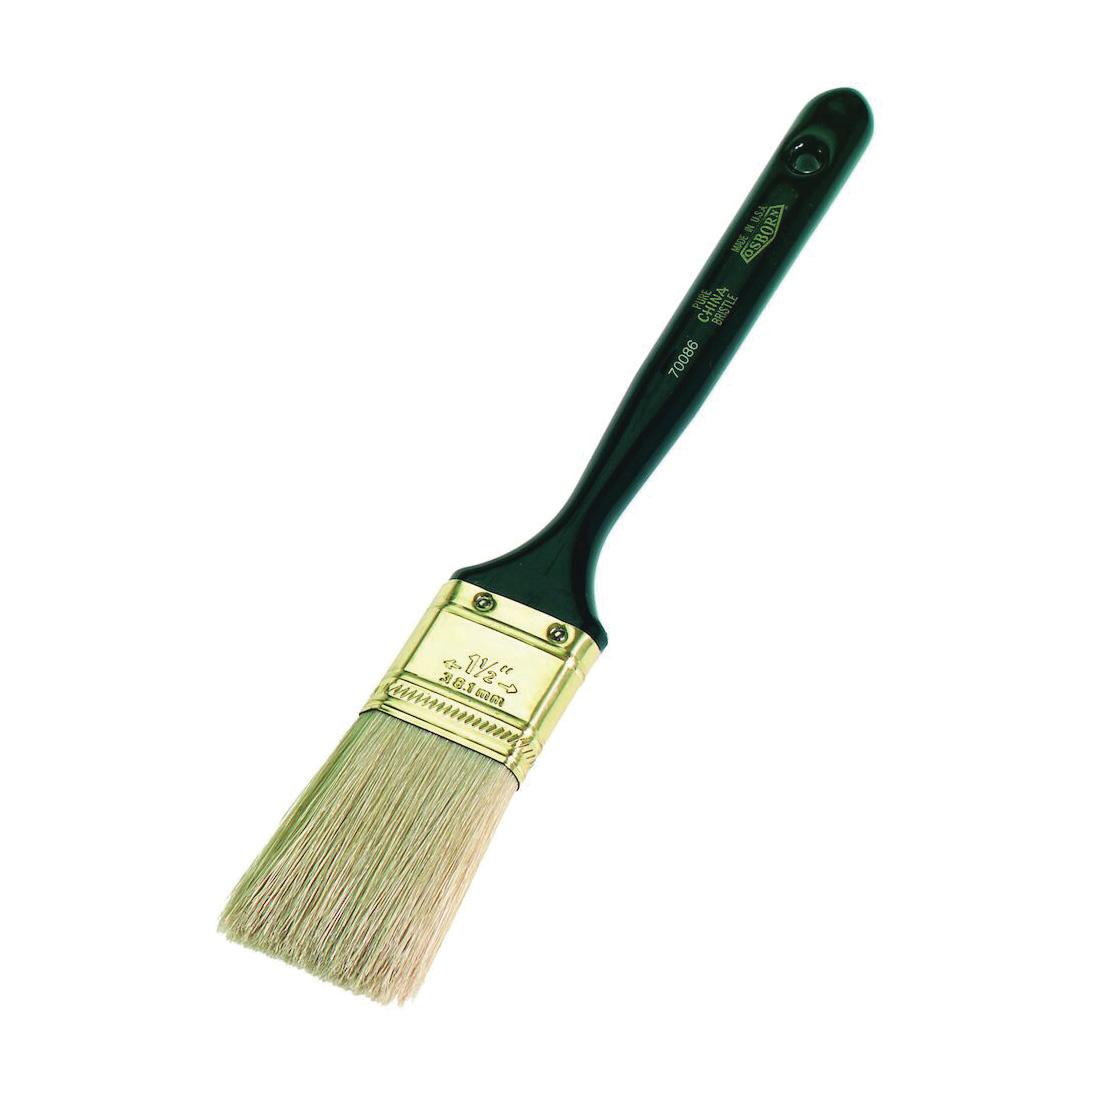 Osborn 0007007000 Varnish Brush, 2 in W China Bristle Brush, Plastic Handle, Enamels, Epoxy Coating, Oil Paints, Shellacs, Stains